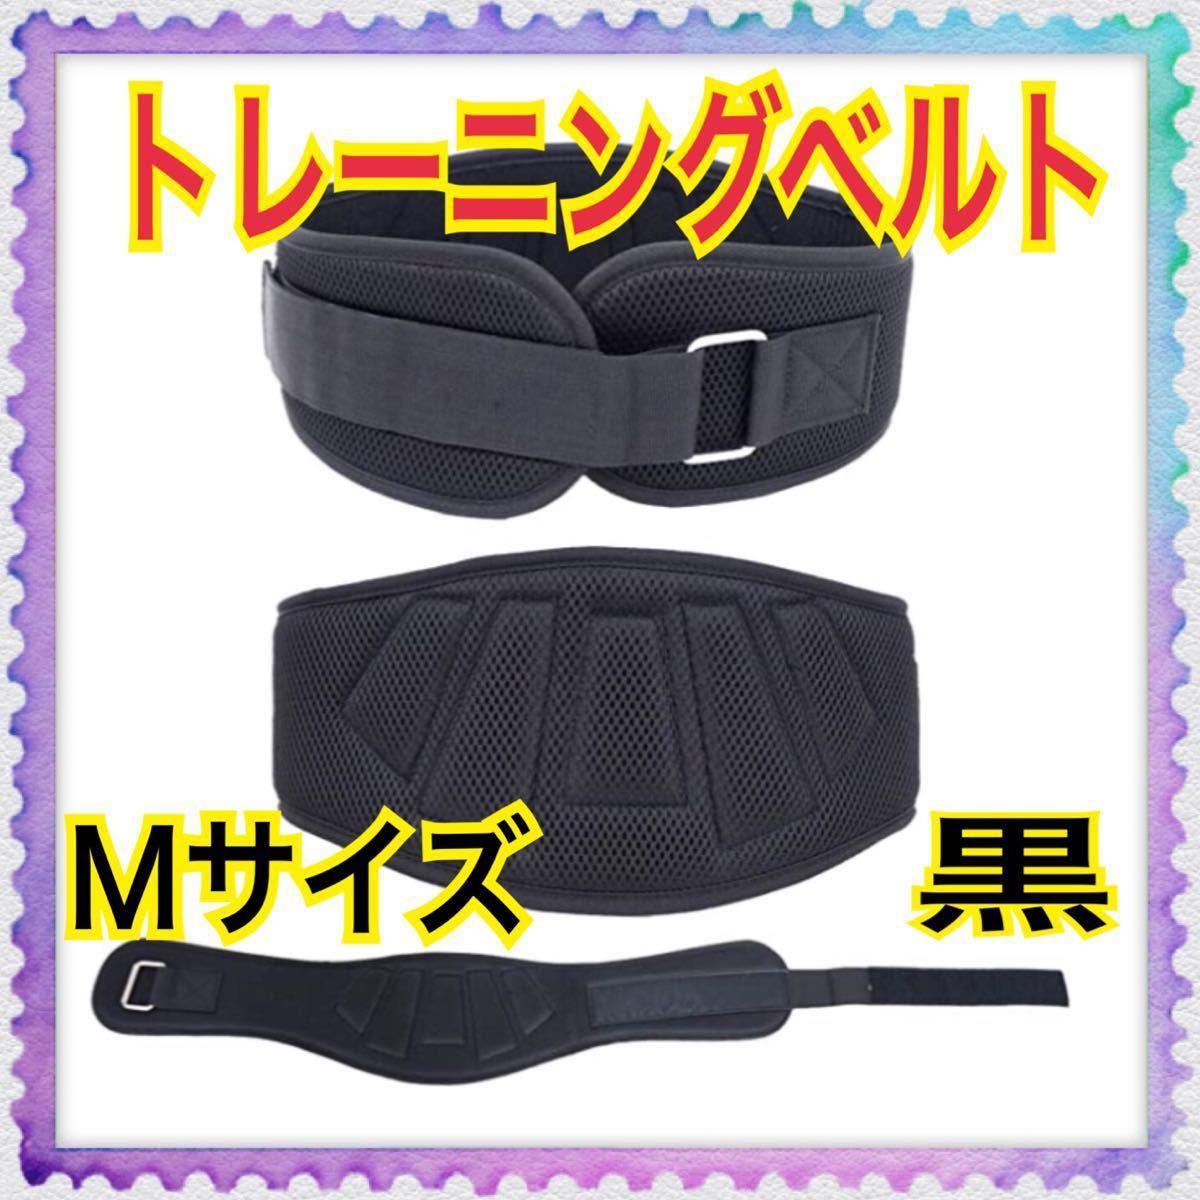 筋トレリフティングベルト・トレーニングベルト・フィット感・軽量・男女兼用・黒★M